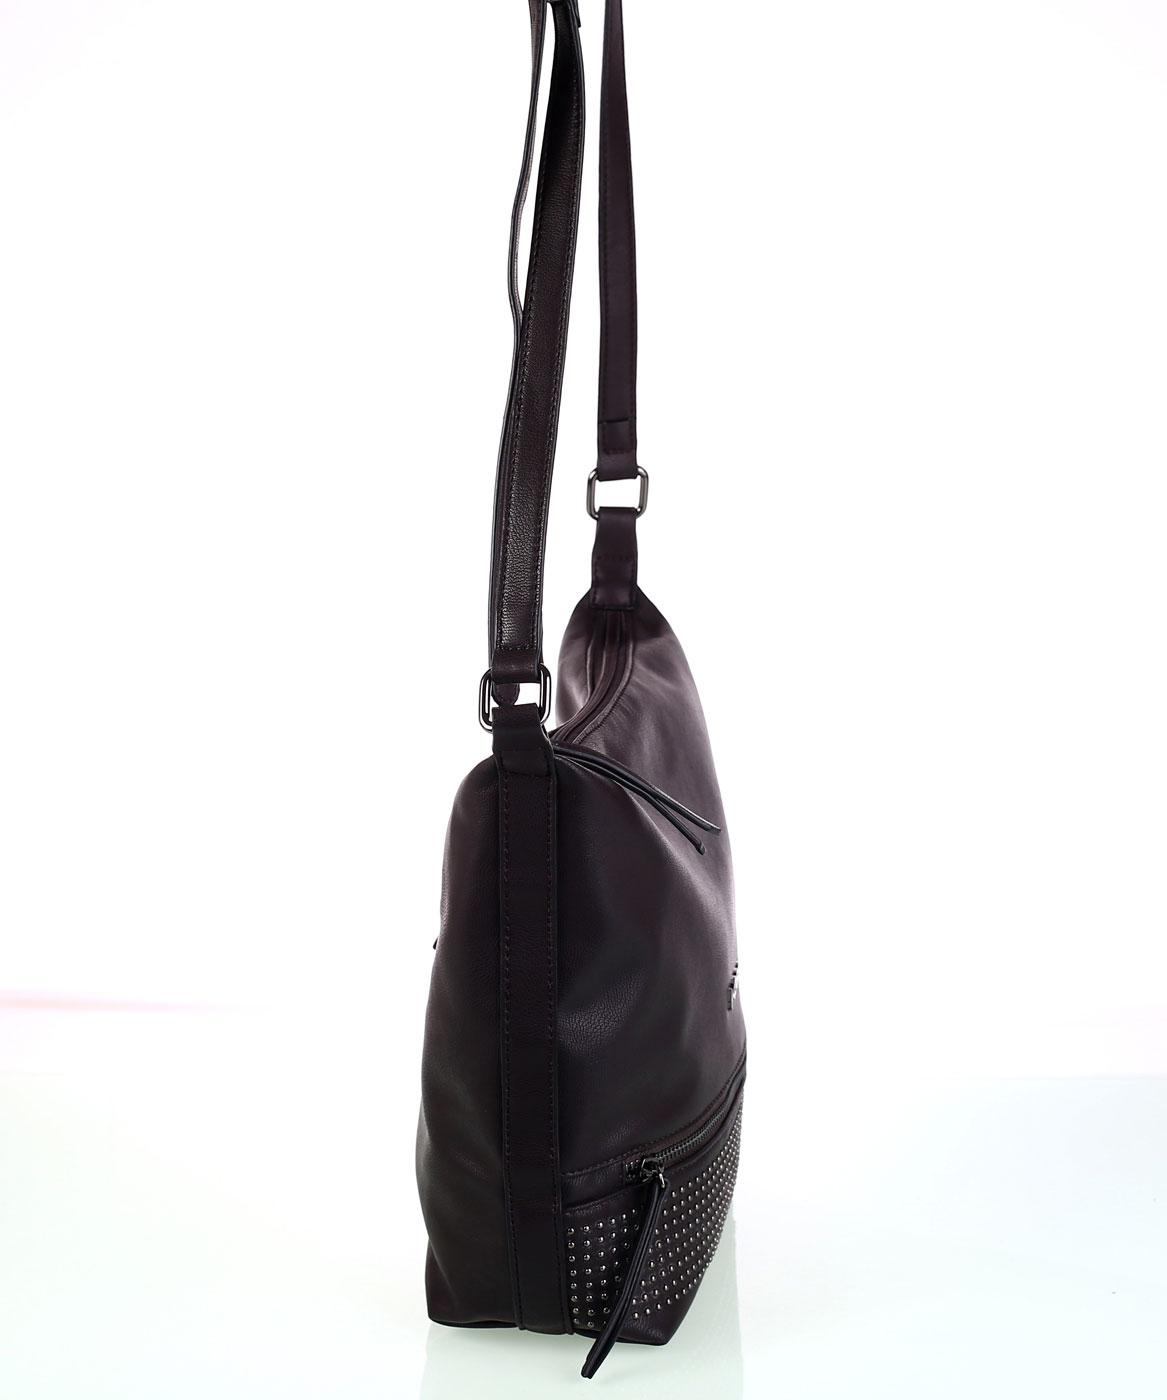 Dámska kabelka cez rameno eko koža Kbas s predným zipsom hnedá 2d9f5cfa425